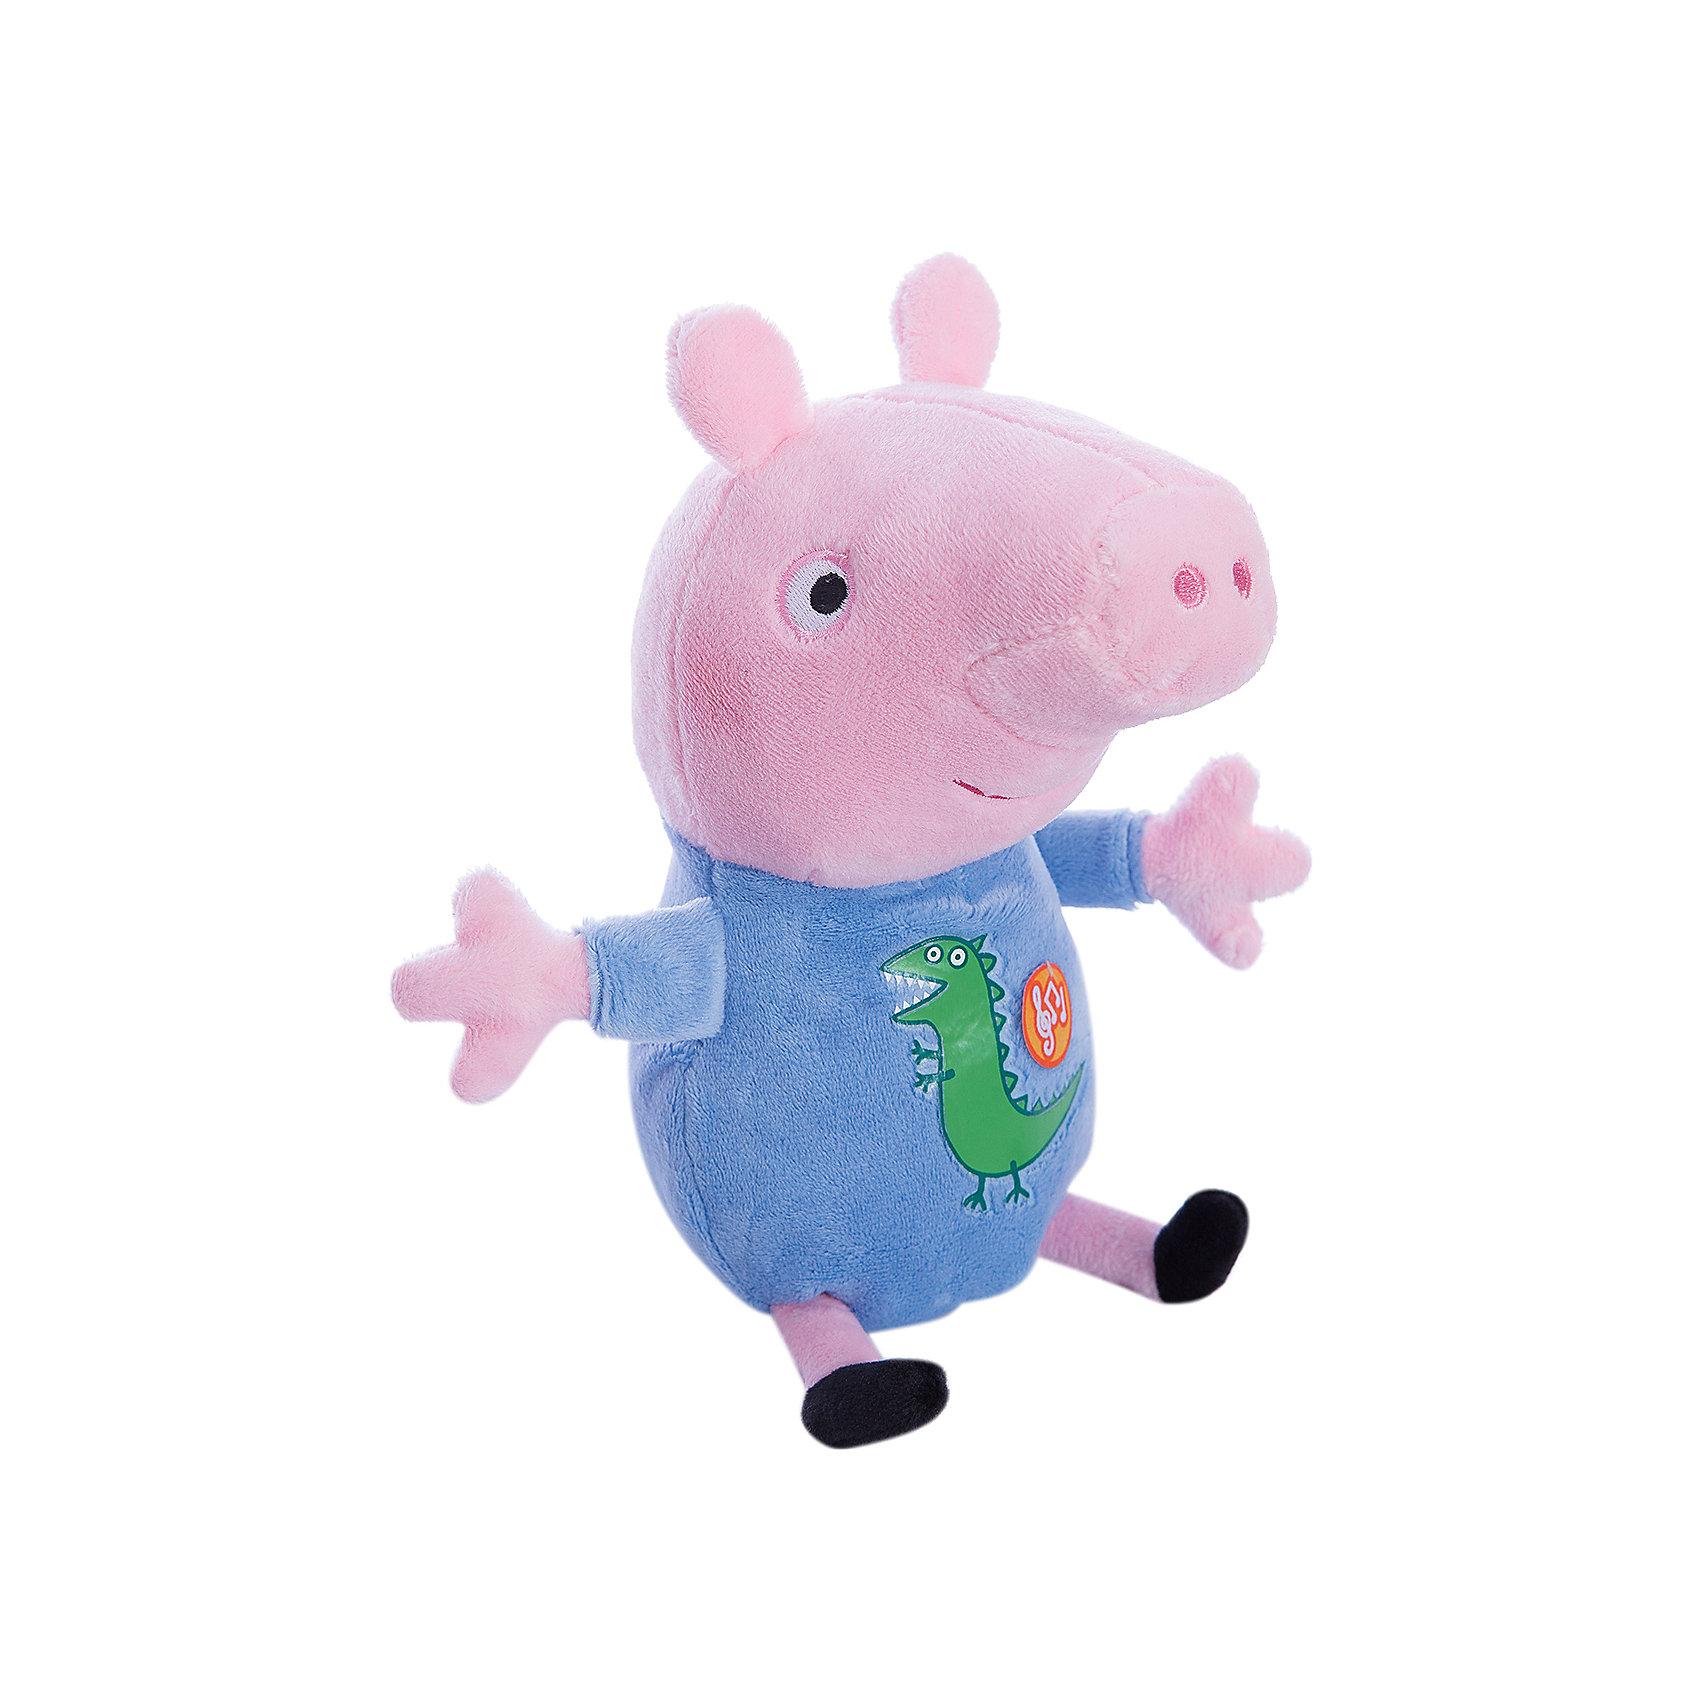 Мягкая игрушка Джордж, 25 см, со звуком, Свинка ПеппаЧто может быть лучше мягкого плюшевого друга? Только плюшевый герой любимого мультфильма. Малыш Джордж из мультфильма «Свинка Пеппа» – то, что нужно. Он мягкий и необыкновенно приятный на ощупь, так что обнимать его – одно удовольствие. Нажмите на животик, чтобы услышать веселую песенку из мультфильма и забавное хрюканье. С таким очаровательным другом малышу и играть весело, и спать сладко. Игра с любимым героем активно развивает у малыша воображение, тактильное восприятие и коммуникативные навыки. А если приобрести другие игрушки из серии «Peppa Pig», то ваш ребенок сможет оживить приключения забавных персонажей прямо у вас дома!&#13;<br><br>Дополнительная информация:<br><br>Мягкая озвученная игрушка «Джордж» «Peppa Pig» имеет высоту 25 см (размер указан с ножками), изготовлена из мягкой, приятной на ощупь велюровой ткани, плотно набита. <br>Глаза и рот вышиты, на голубой пижаме – красочная аппликация в виде динозавра. <br>Звуковые эффекты: хрюканье и песенка. <br>Игрушка работает от 3 батареек типа AG13 или LR44.<br><br>Мягкую игрушку Джордж, 25 см, со звуком, Свинка Пеппа можно купить в нашем магазине.<br><br>Ширина мм: 210<br>Глубина мм: 140<br>Высота мм: 100<br>Вес г: 131<br>Возраст от месяцев: 36<br>Возраст до месяцев: 84<br>Пол: Унисекс<br>Возраст: Детский<br>SKU: 4623379